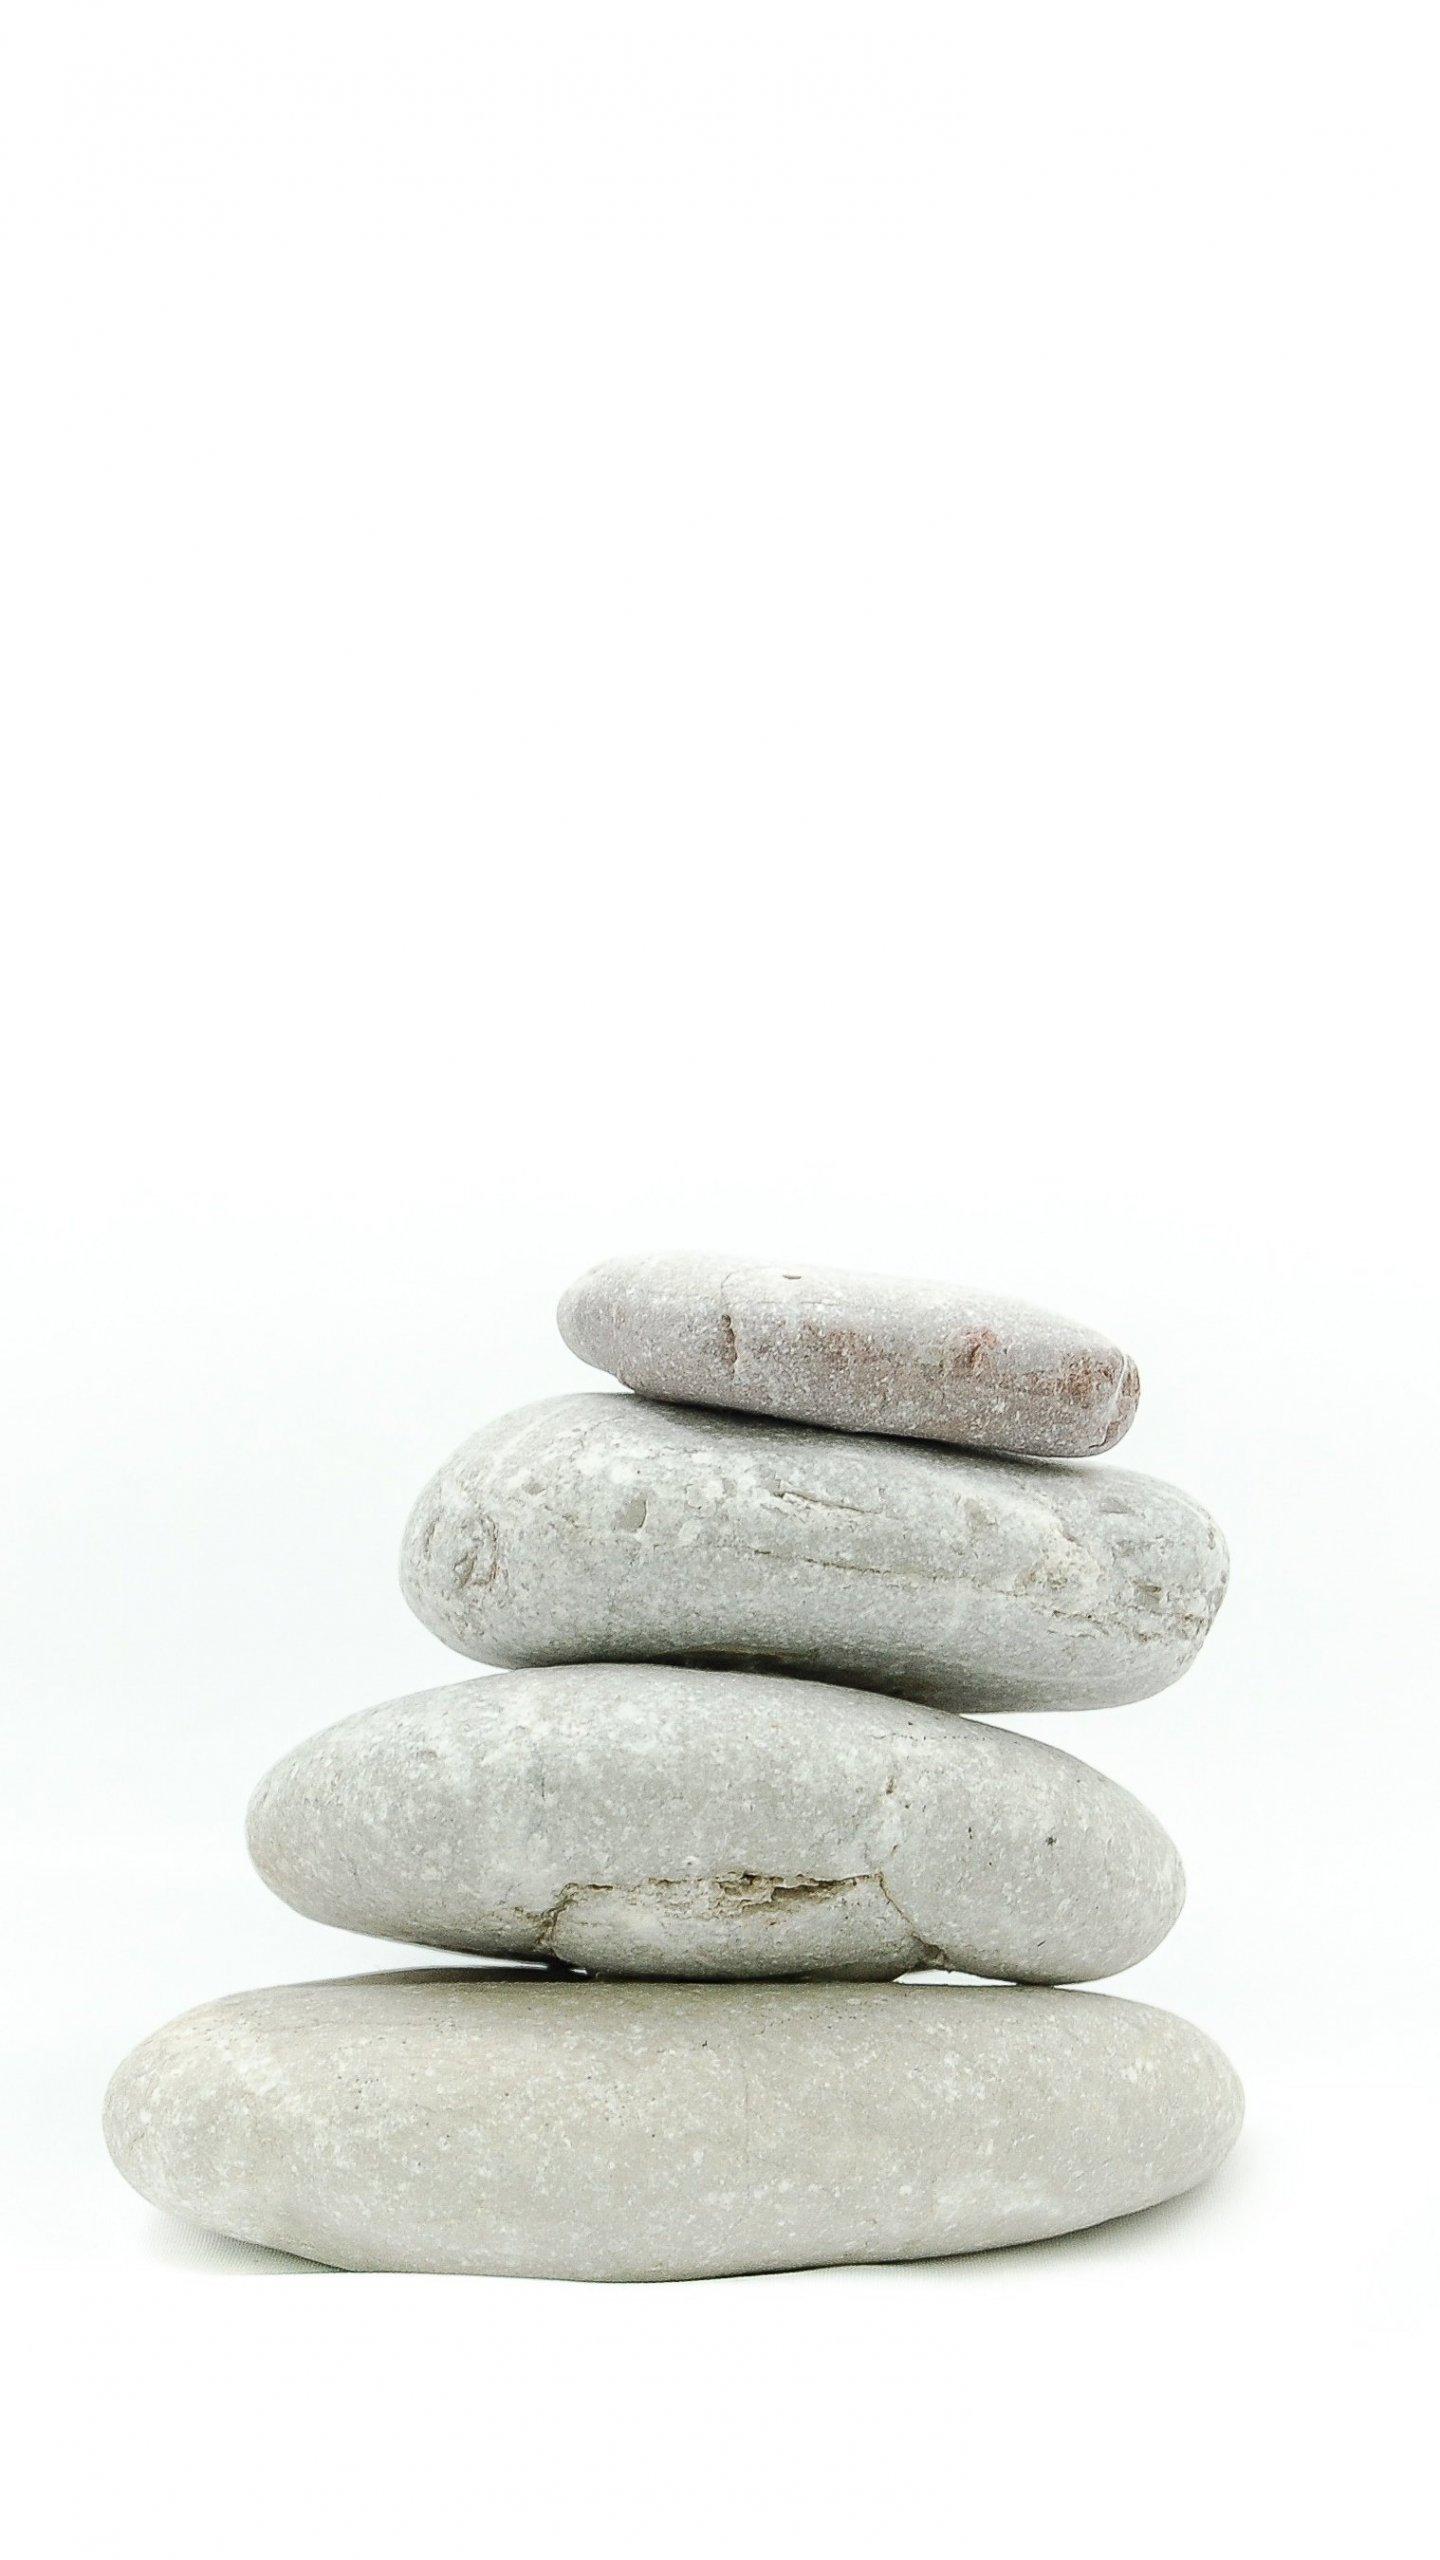 Zen Stone Stack Wallpaper Iphone Android Desktop